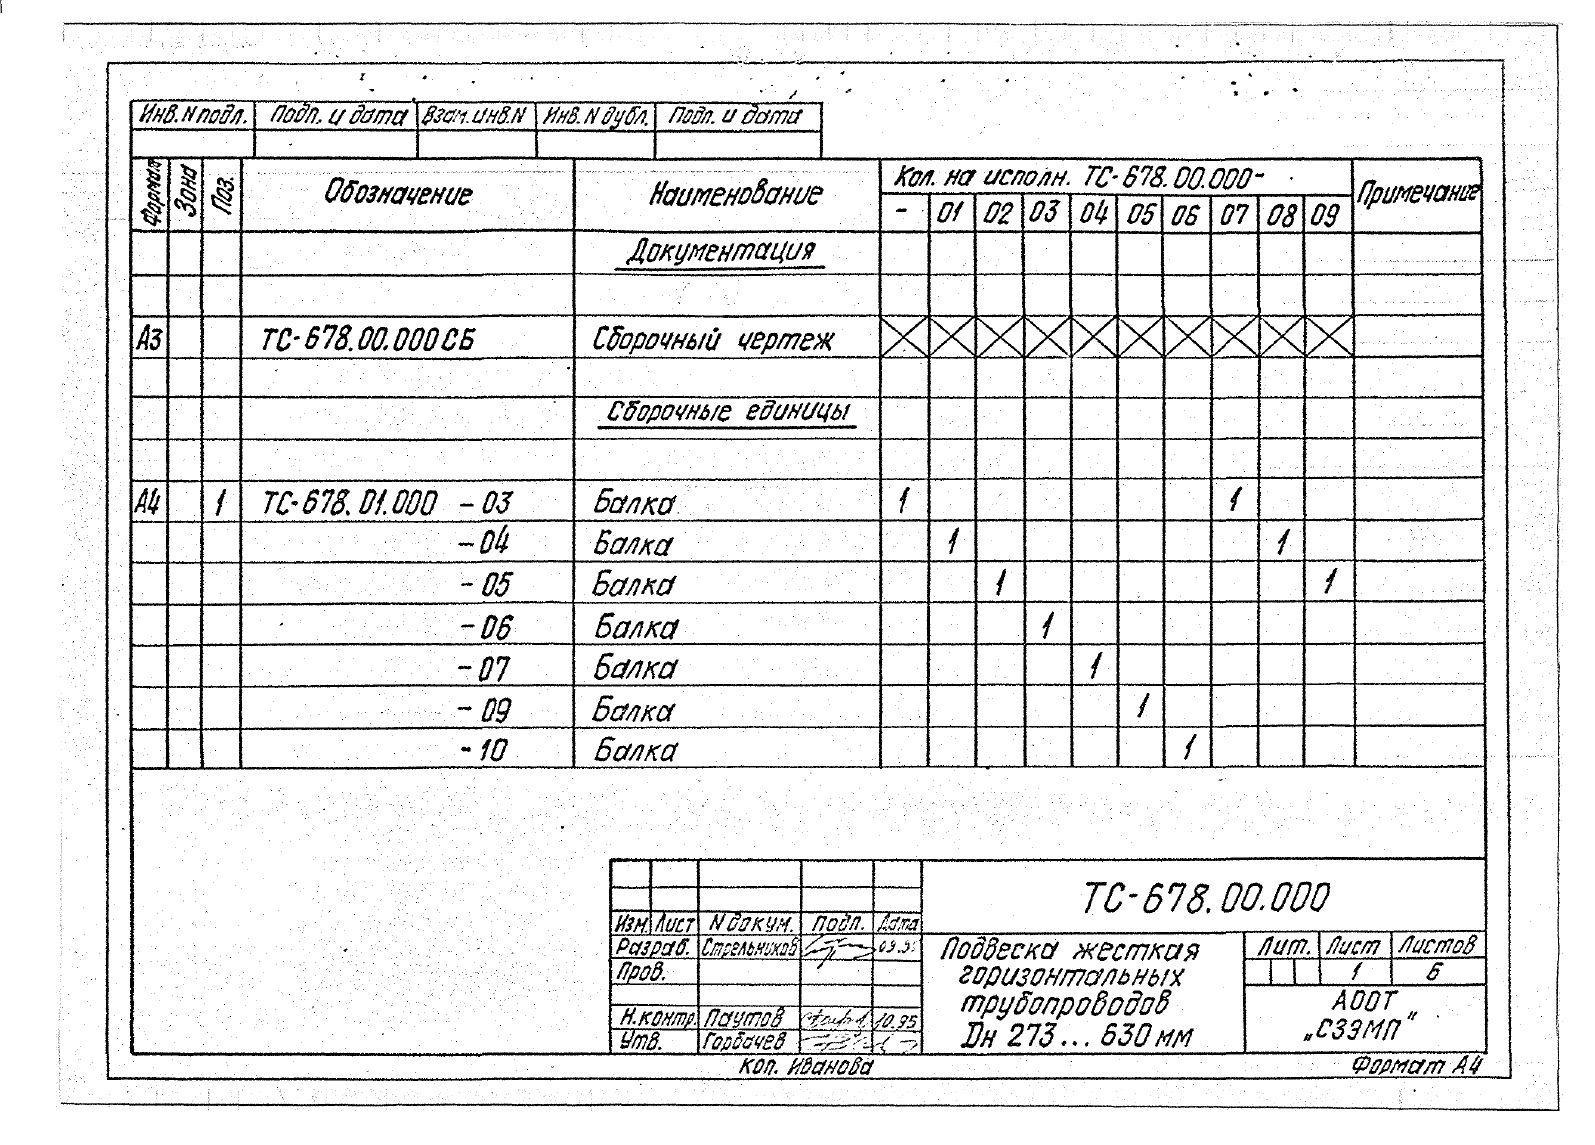 Подвески жесткие Дн 273-630 ТС-678 с.5.903-13 вып.6-95 стр.4